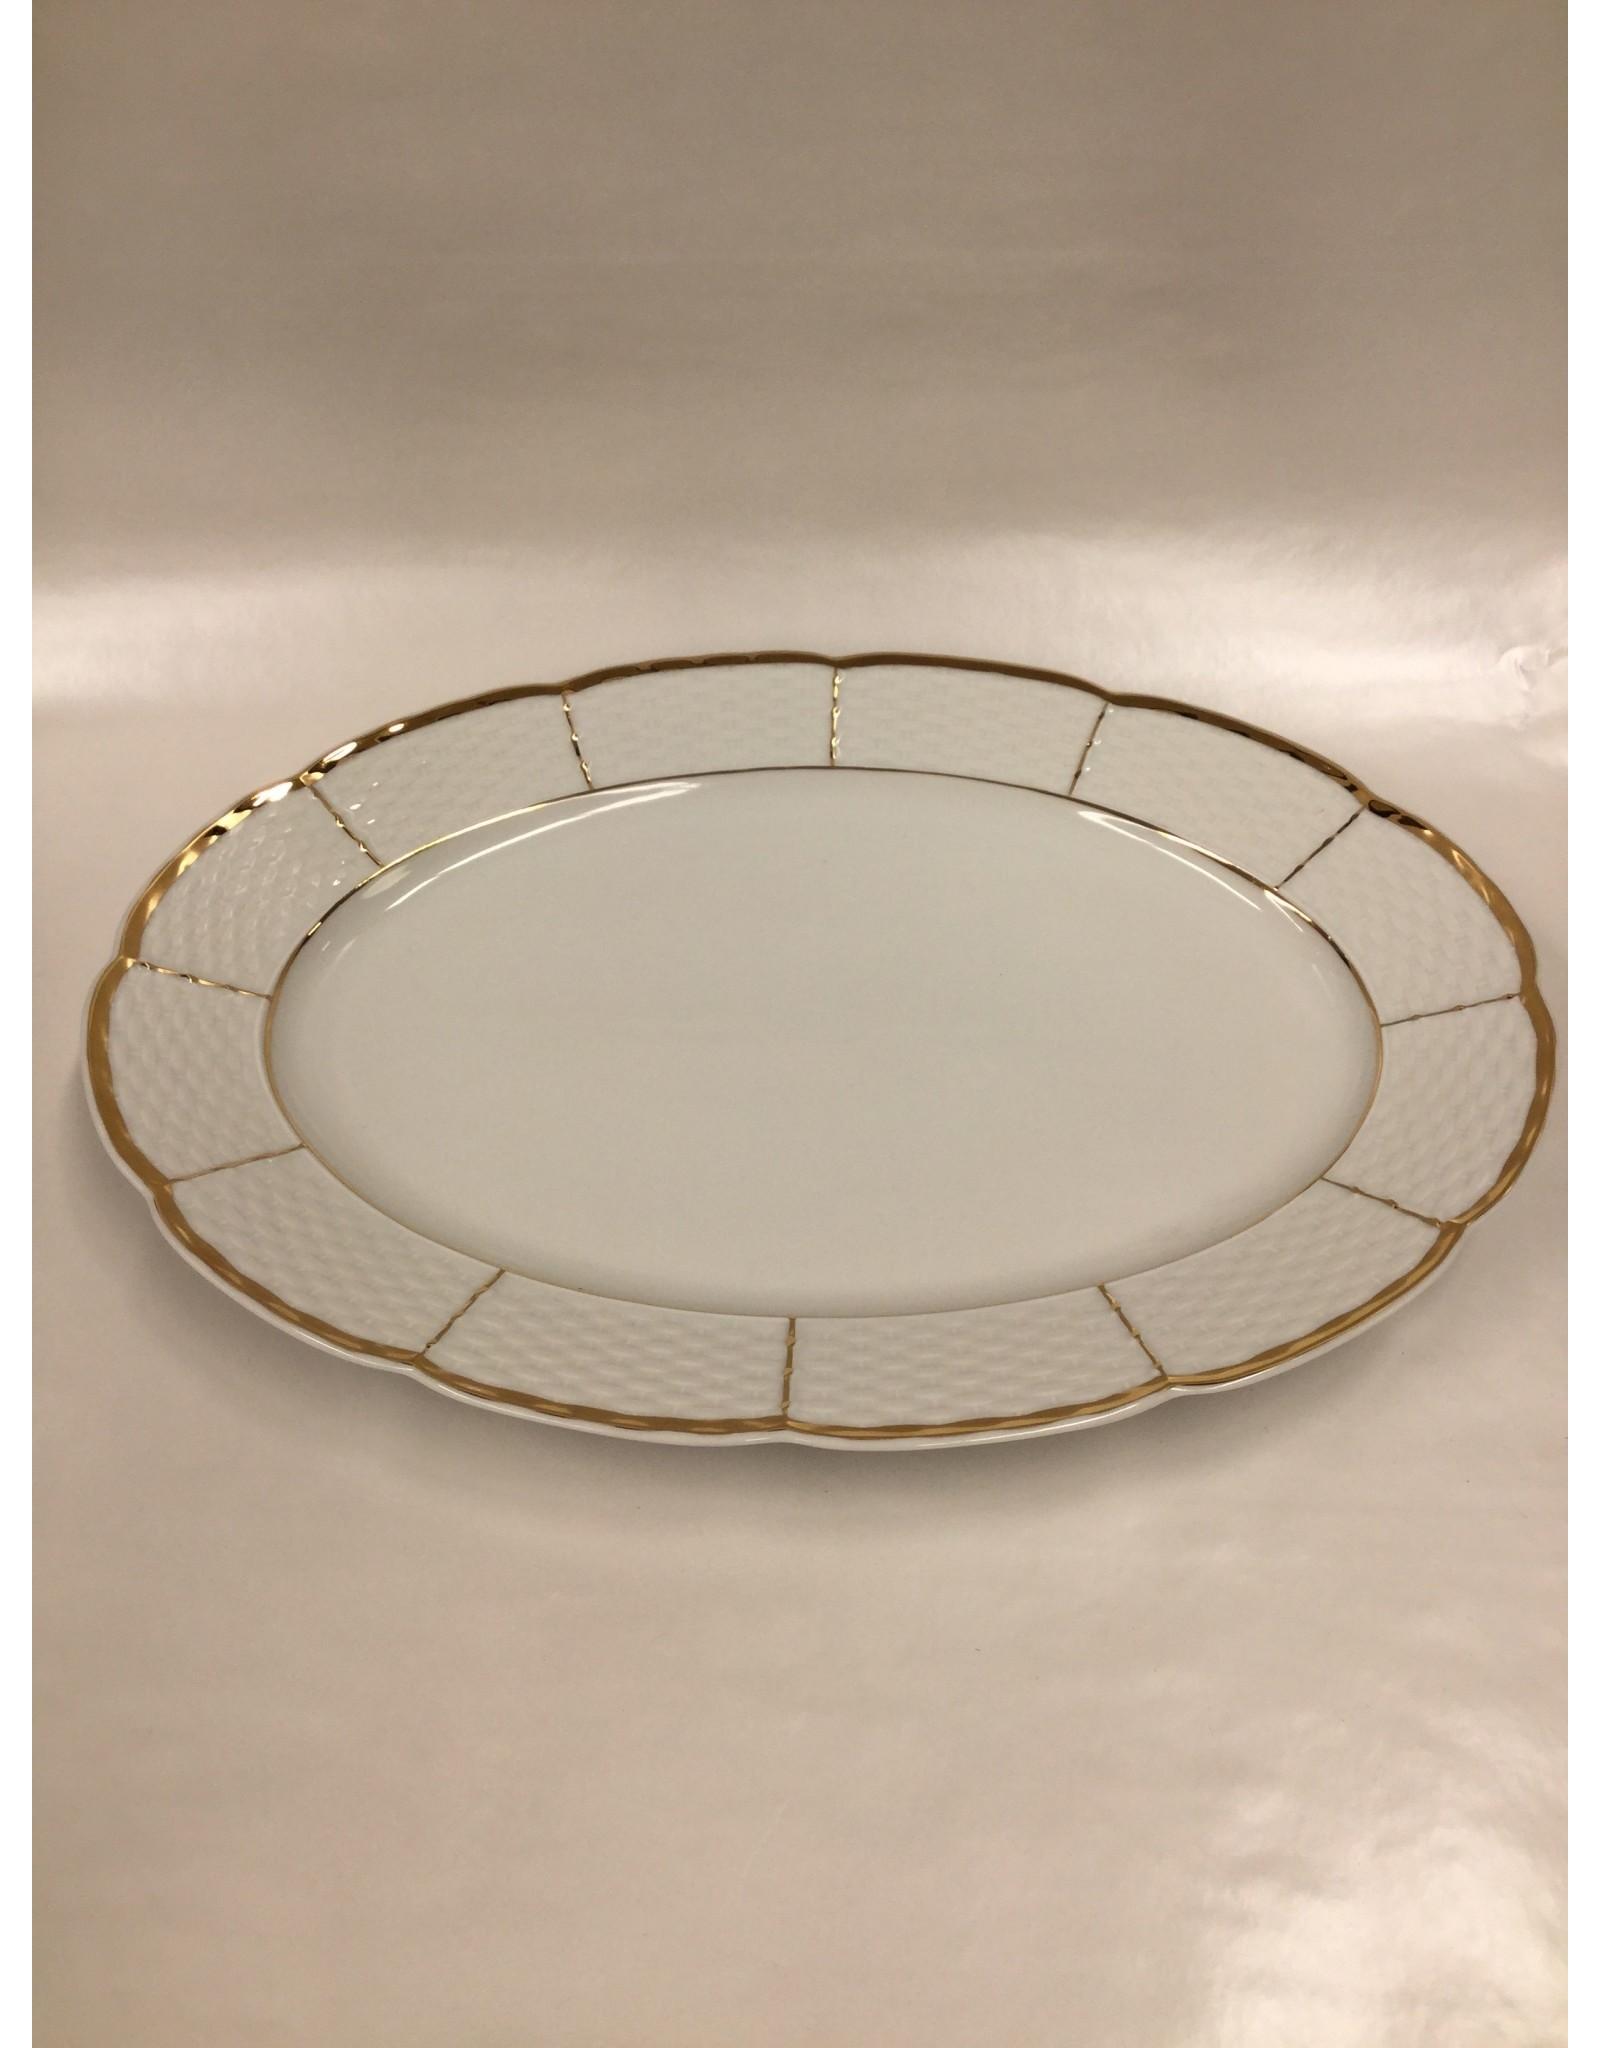 Bernadotte Lines Gold Serving Platter